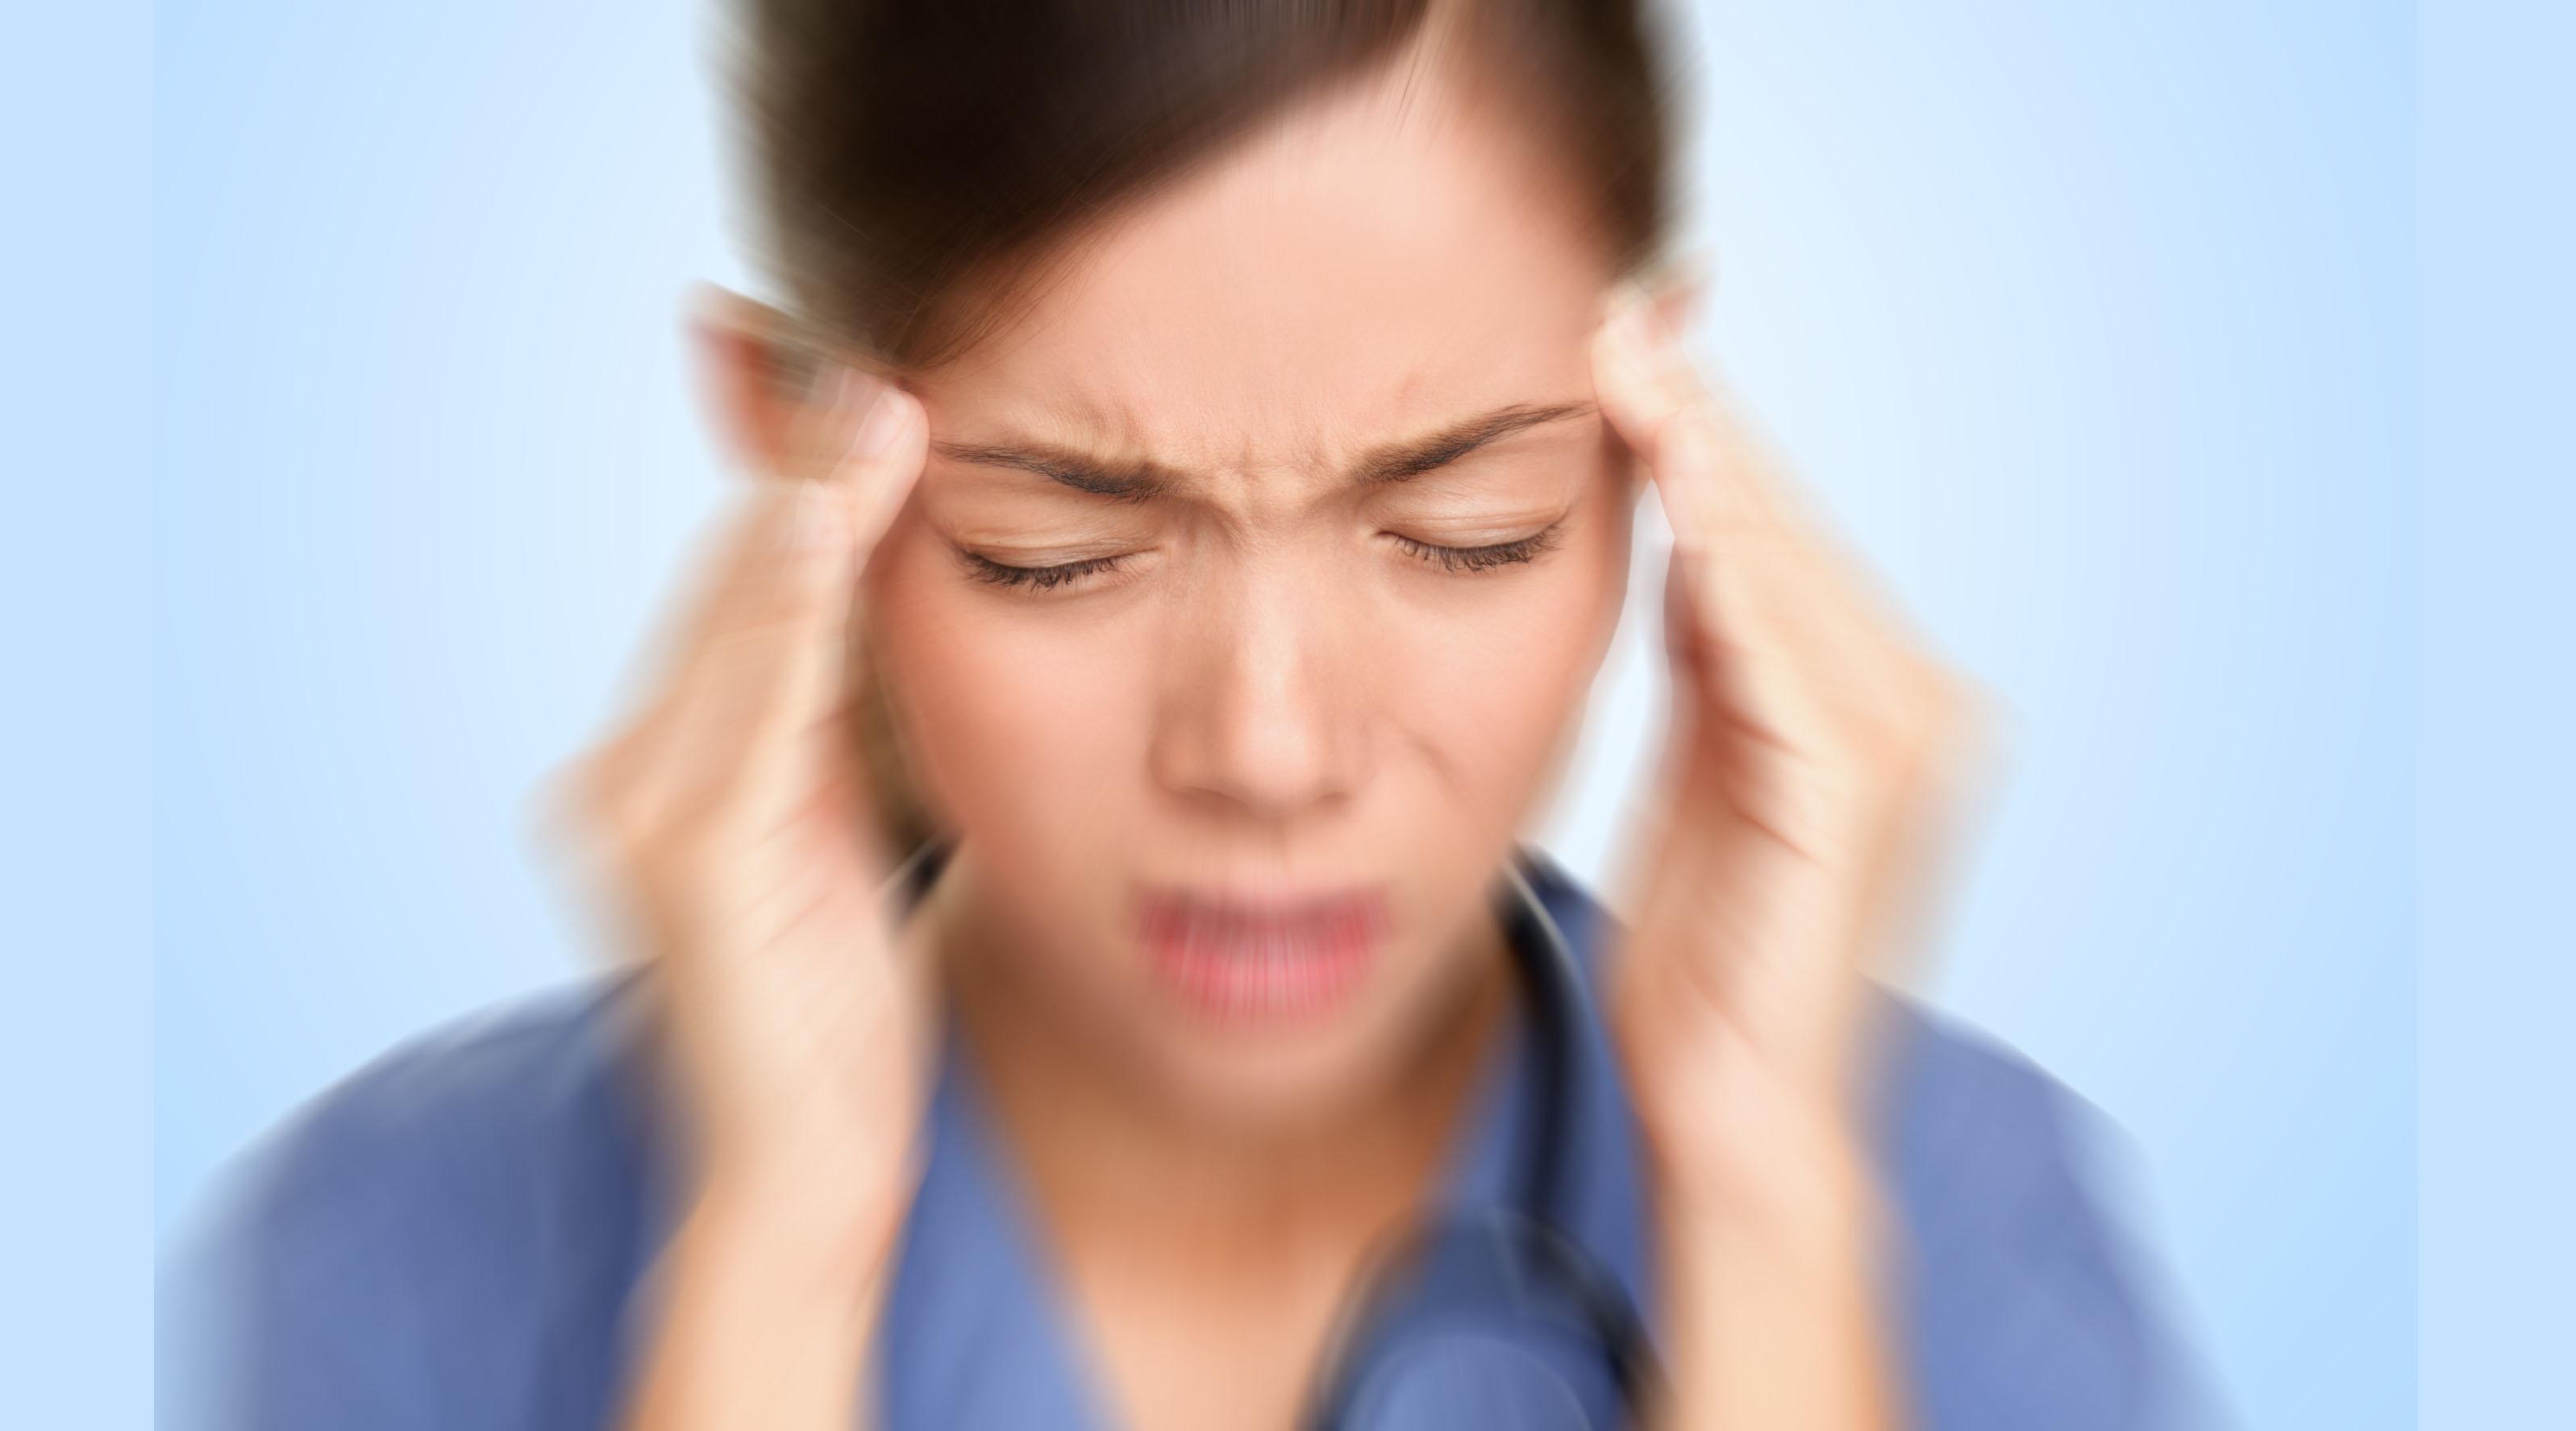 علت اصلی احساس سرگیجه و خستگی را بشناسید